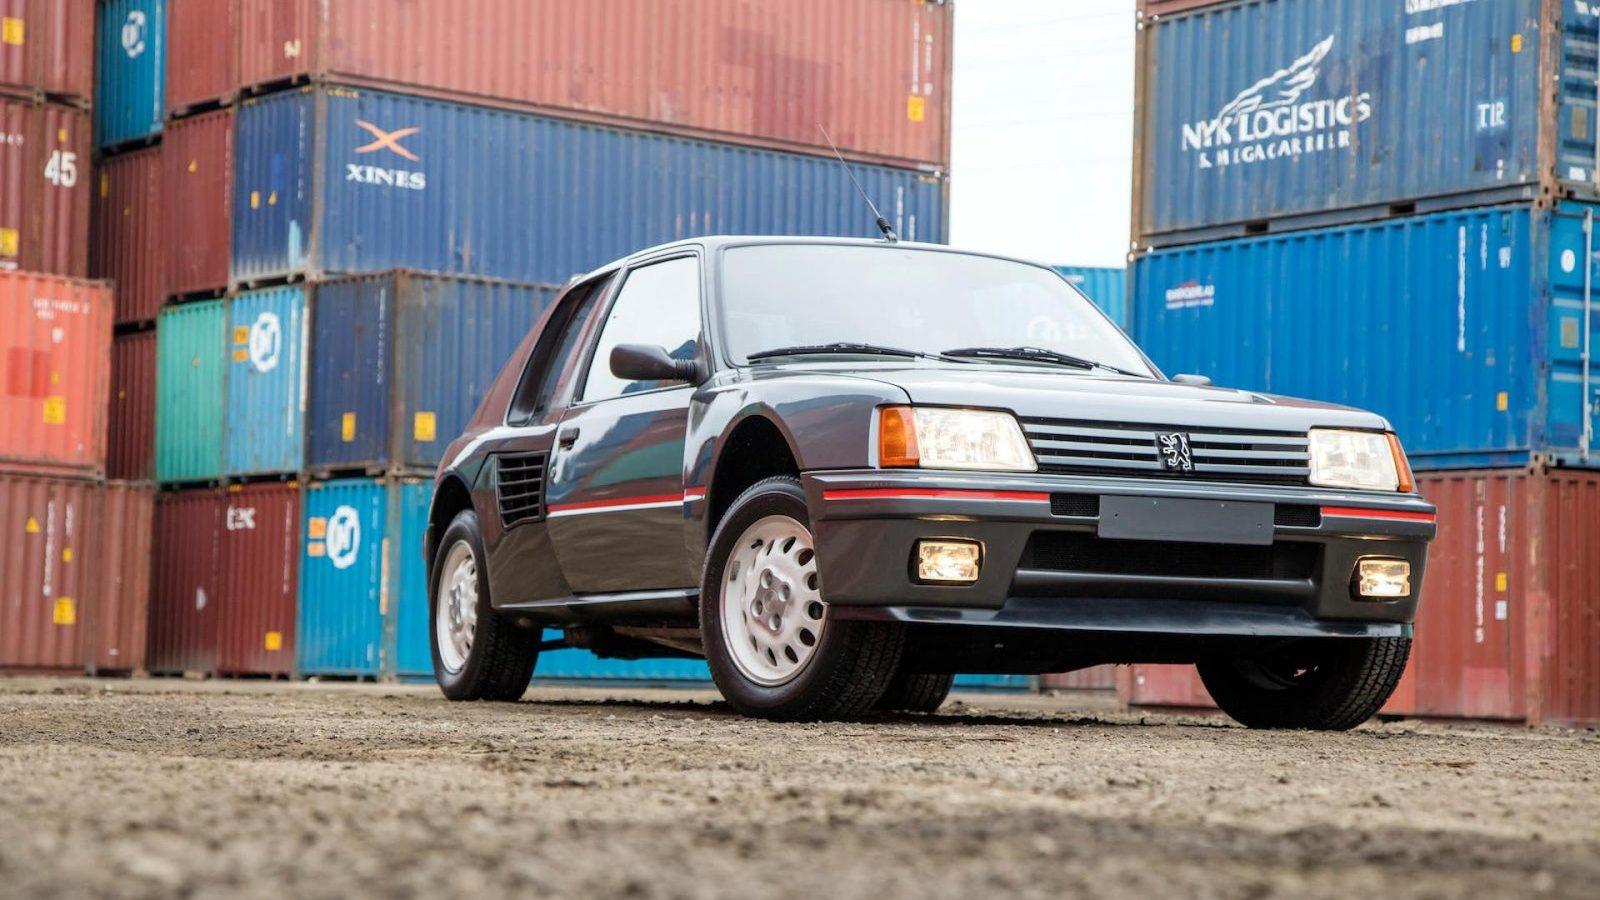 1985-peugeot-205-turbo-16